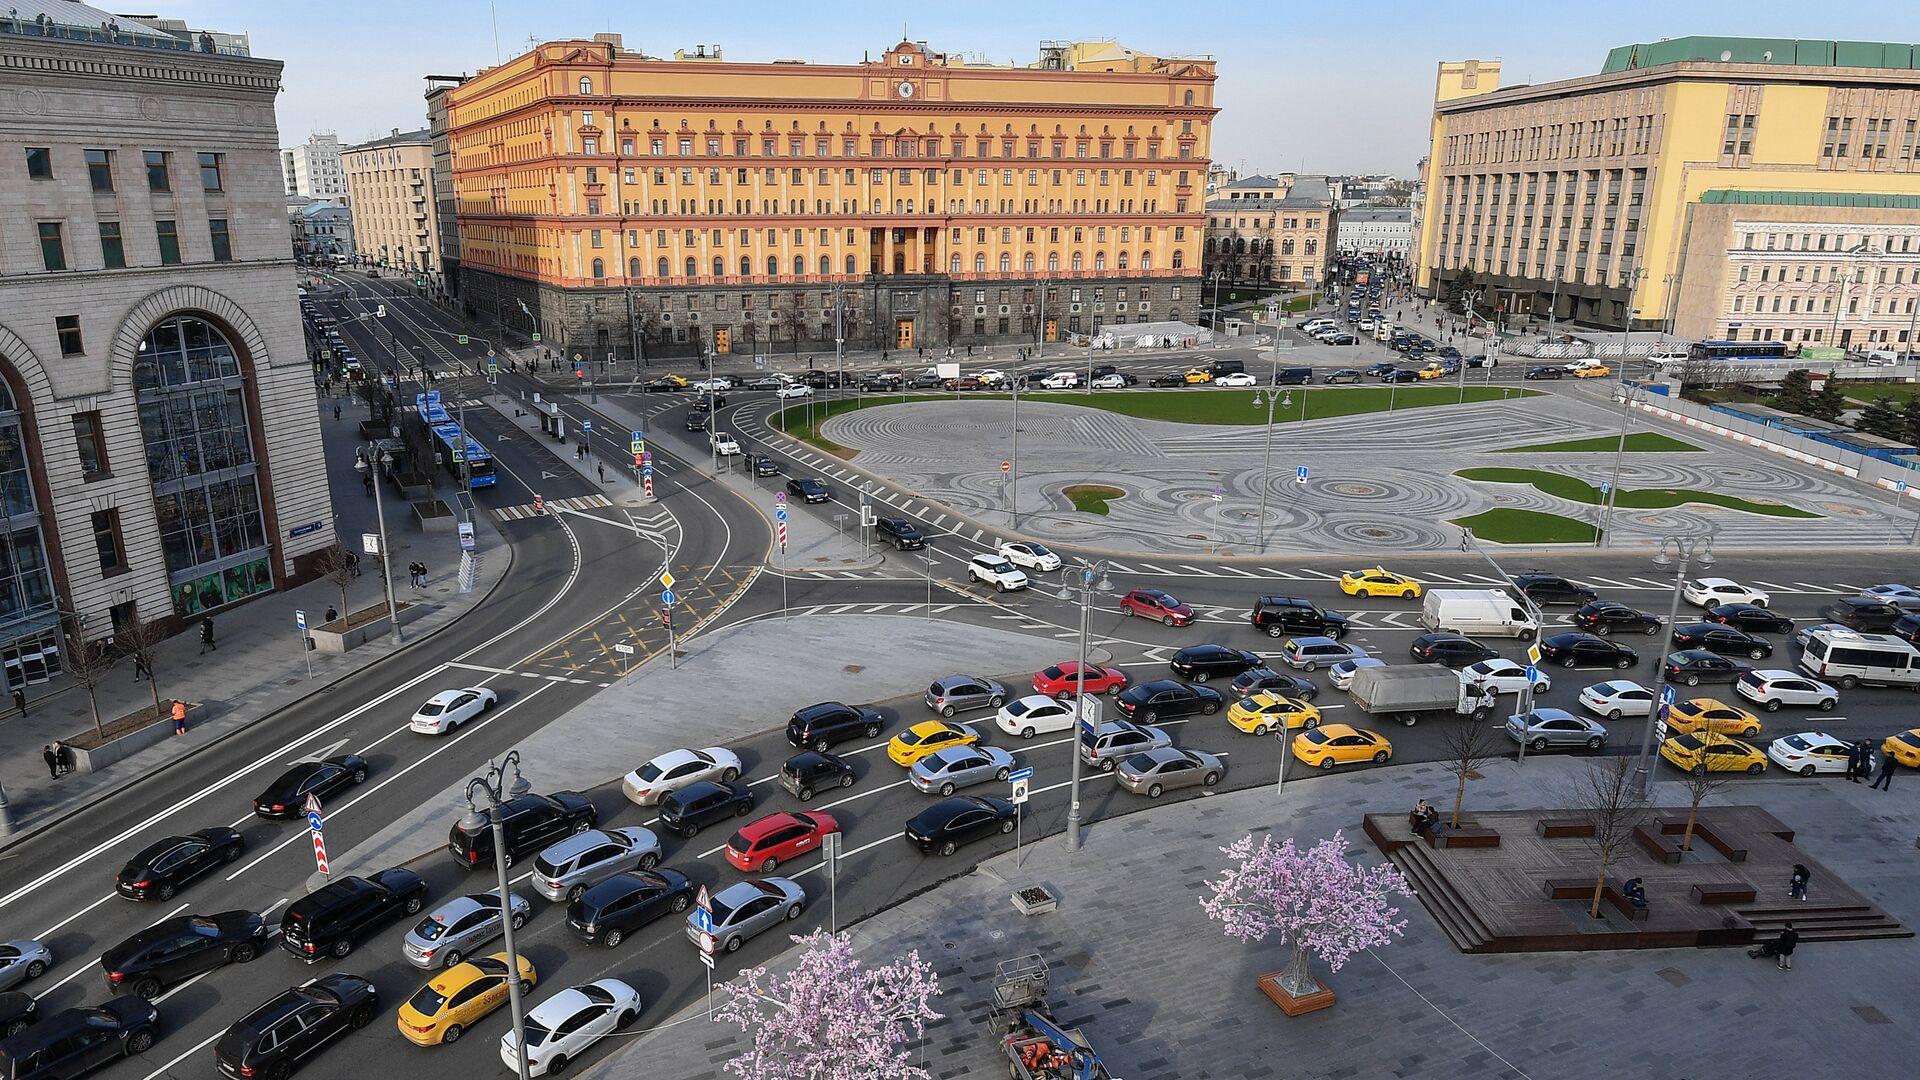 Лубянская площадь в Москве - РИА Новости, 1920, 26.02.2021